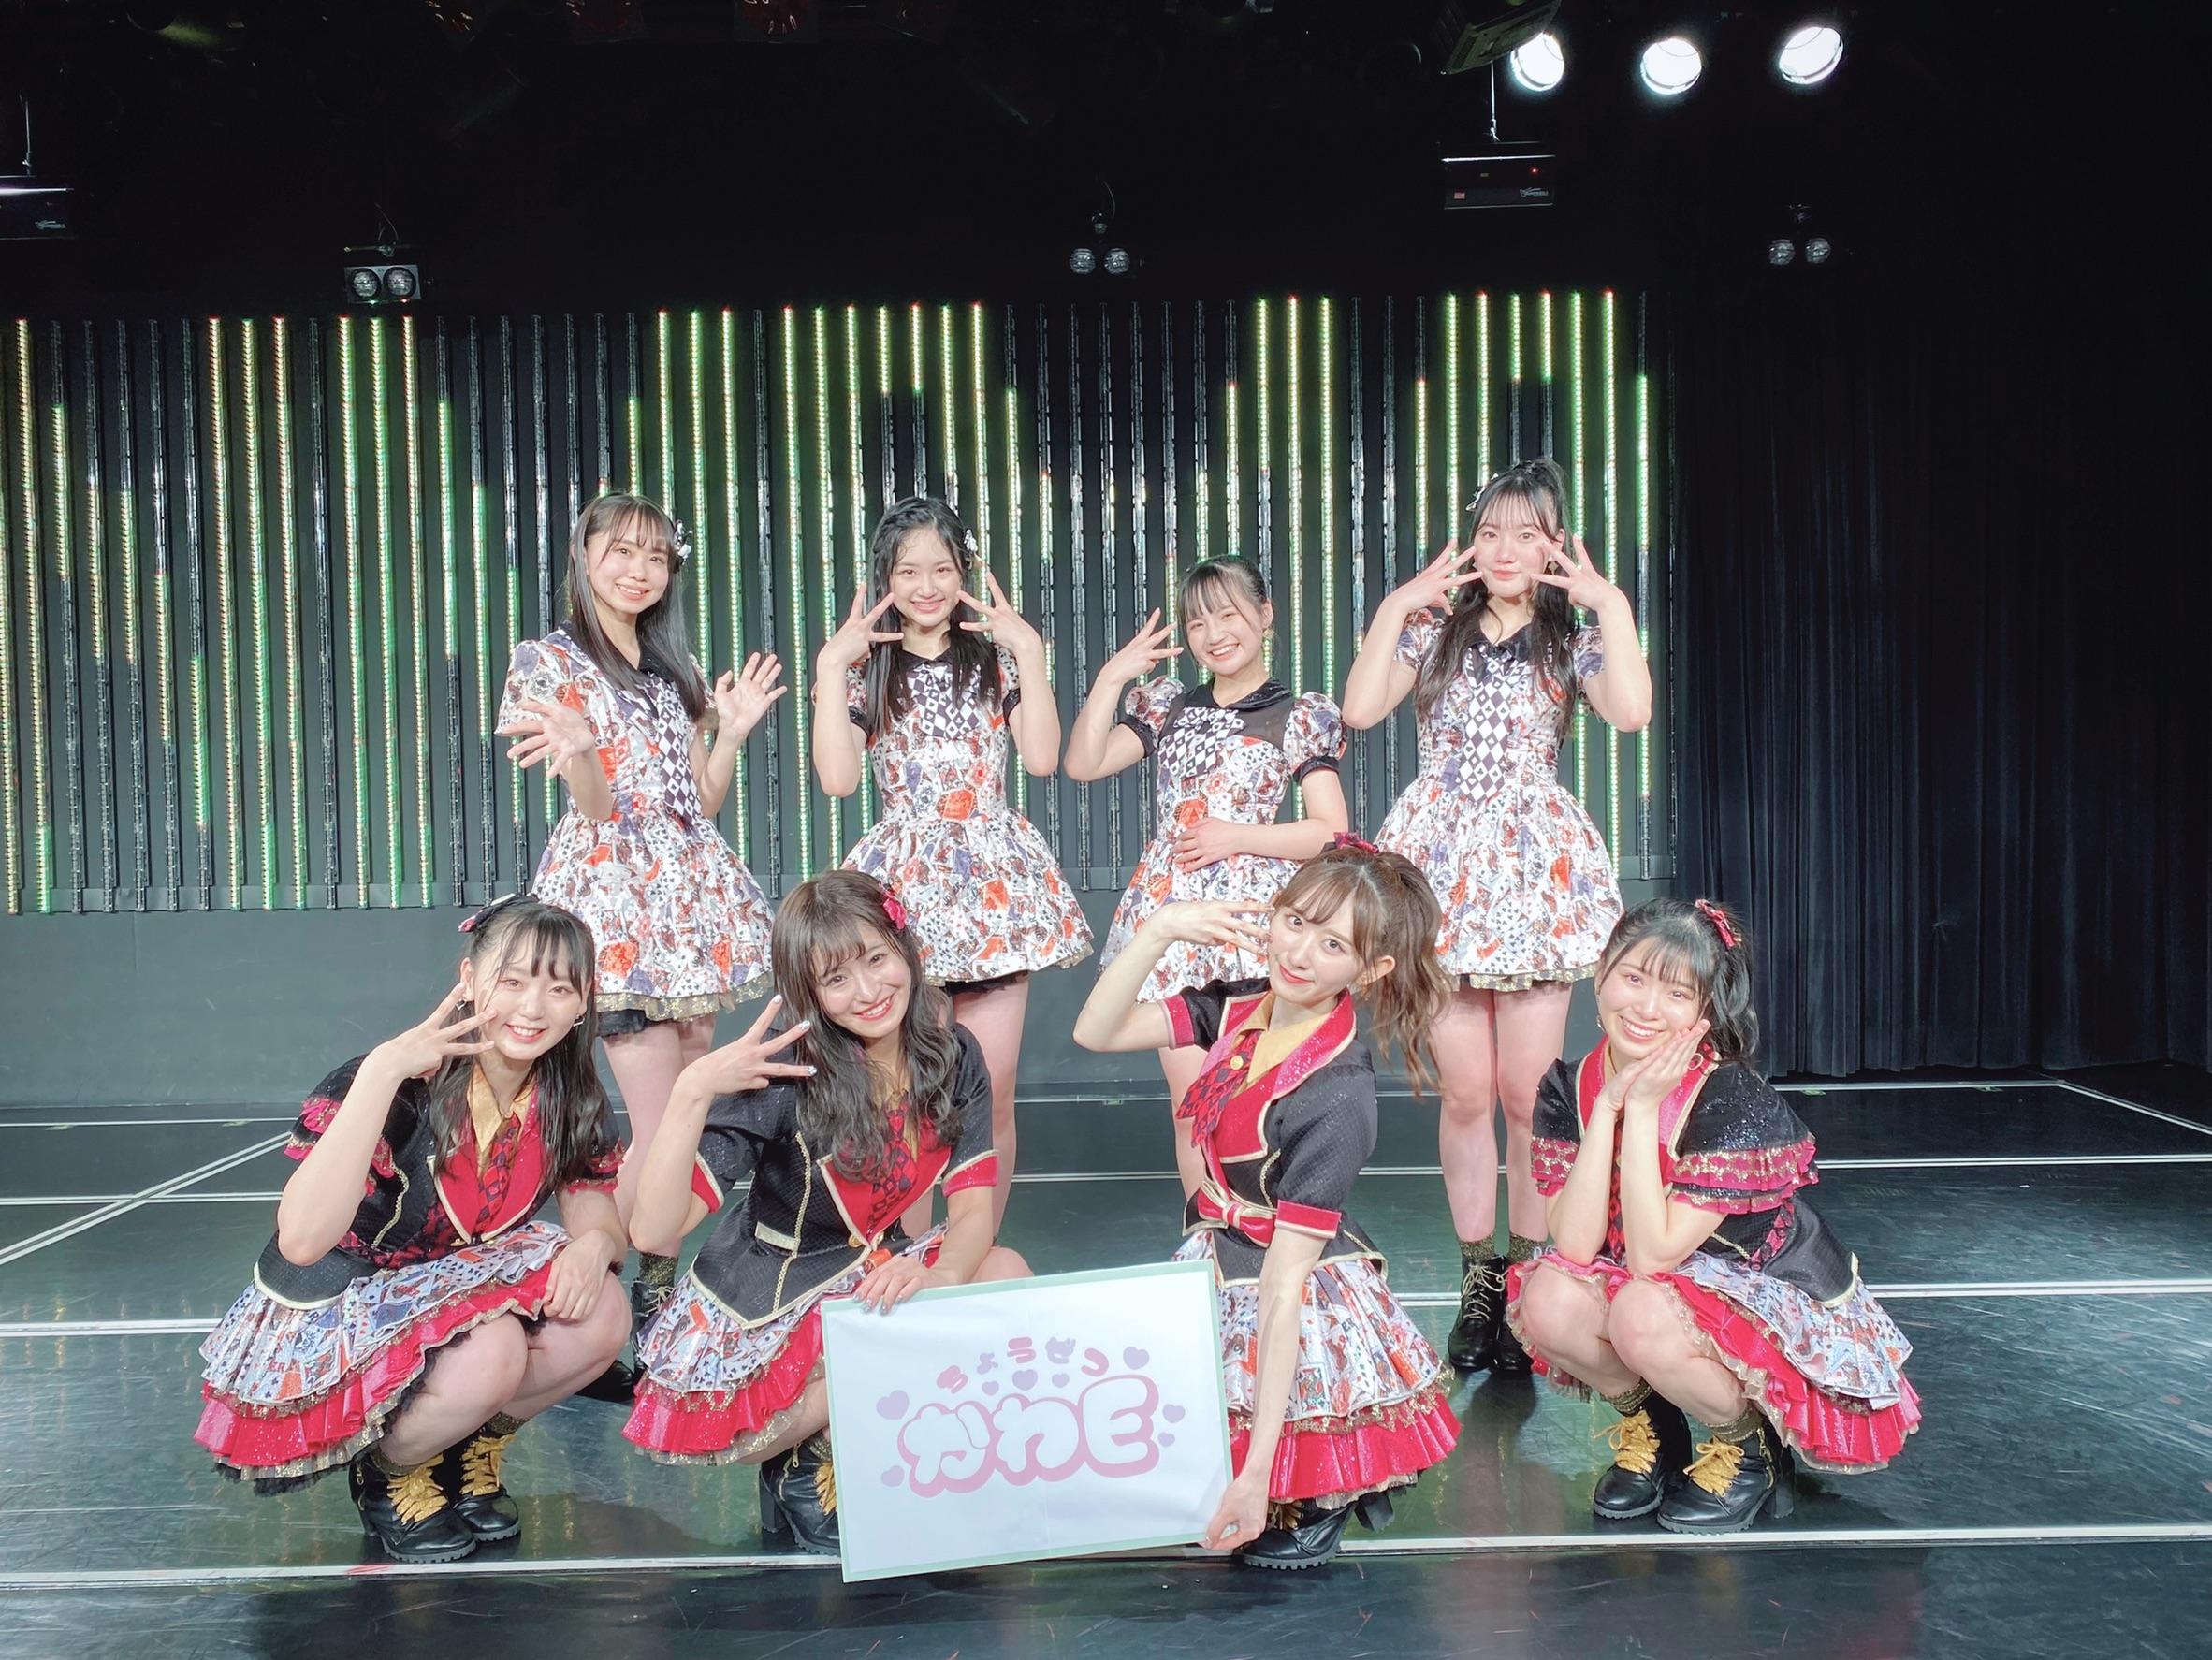 【NMB48】NAMBATTLE公演 ~舞~ ちょうぜつかわEは194点